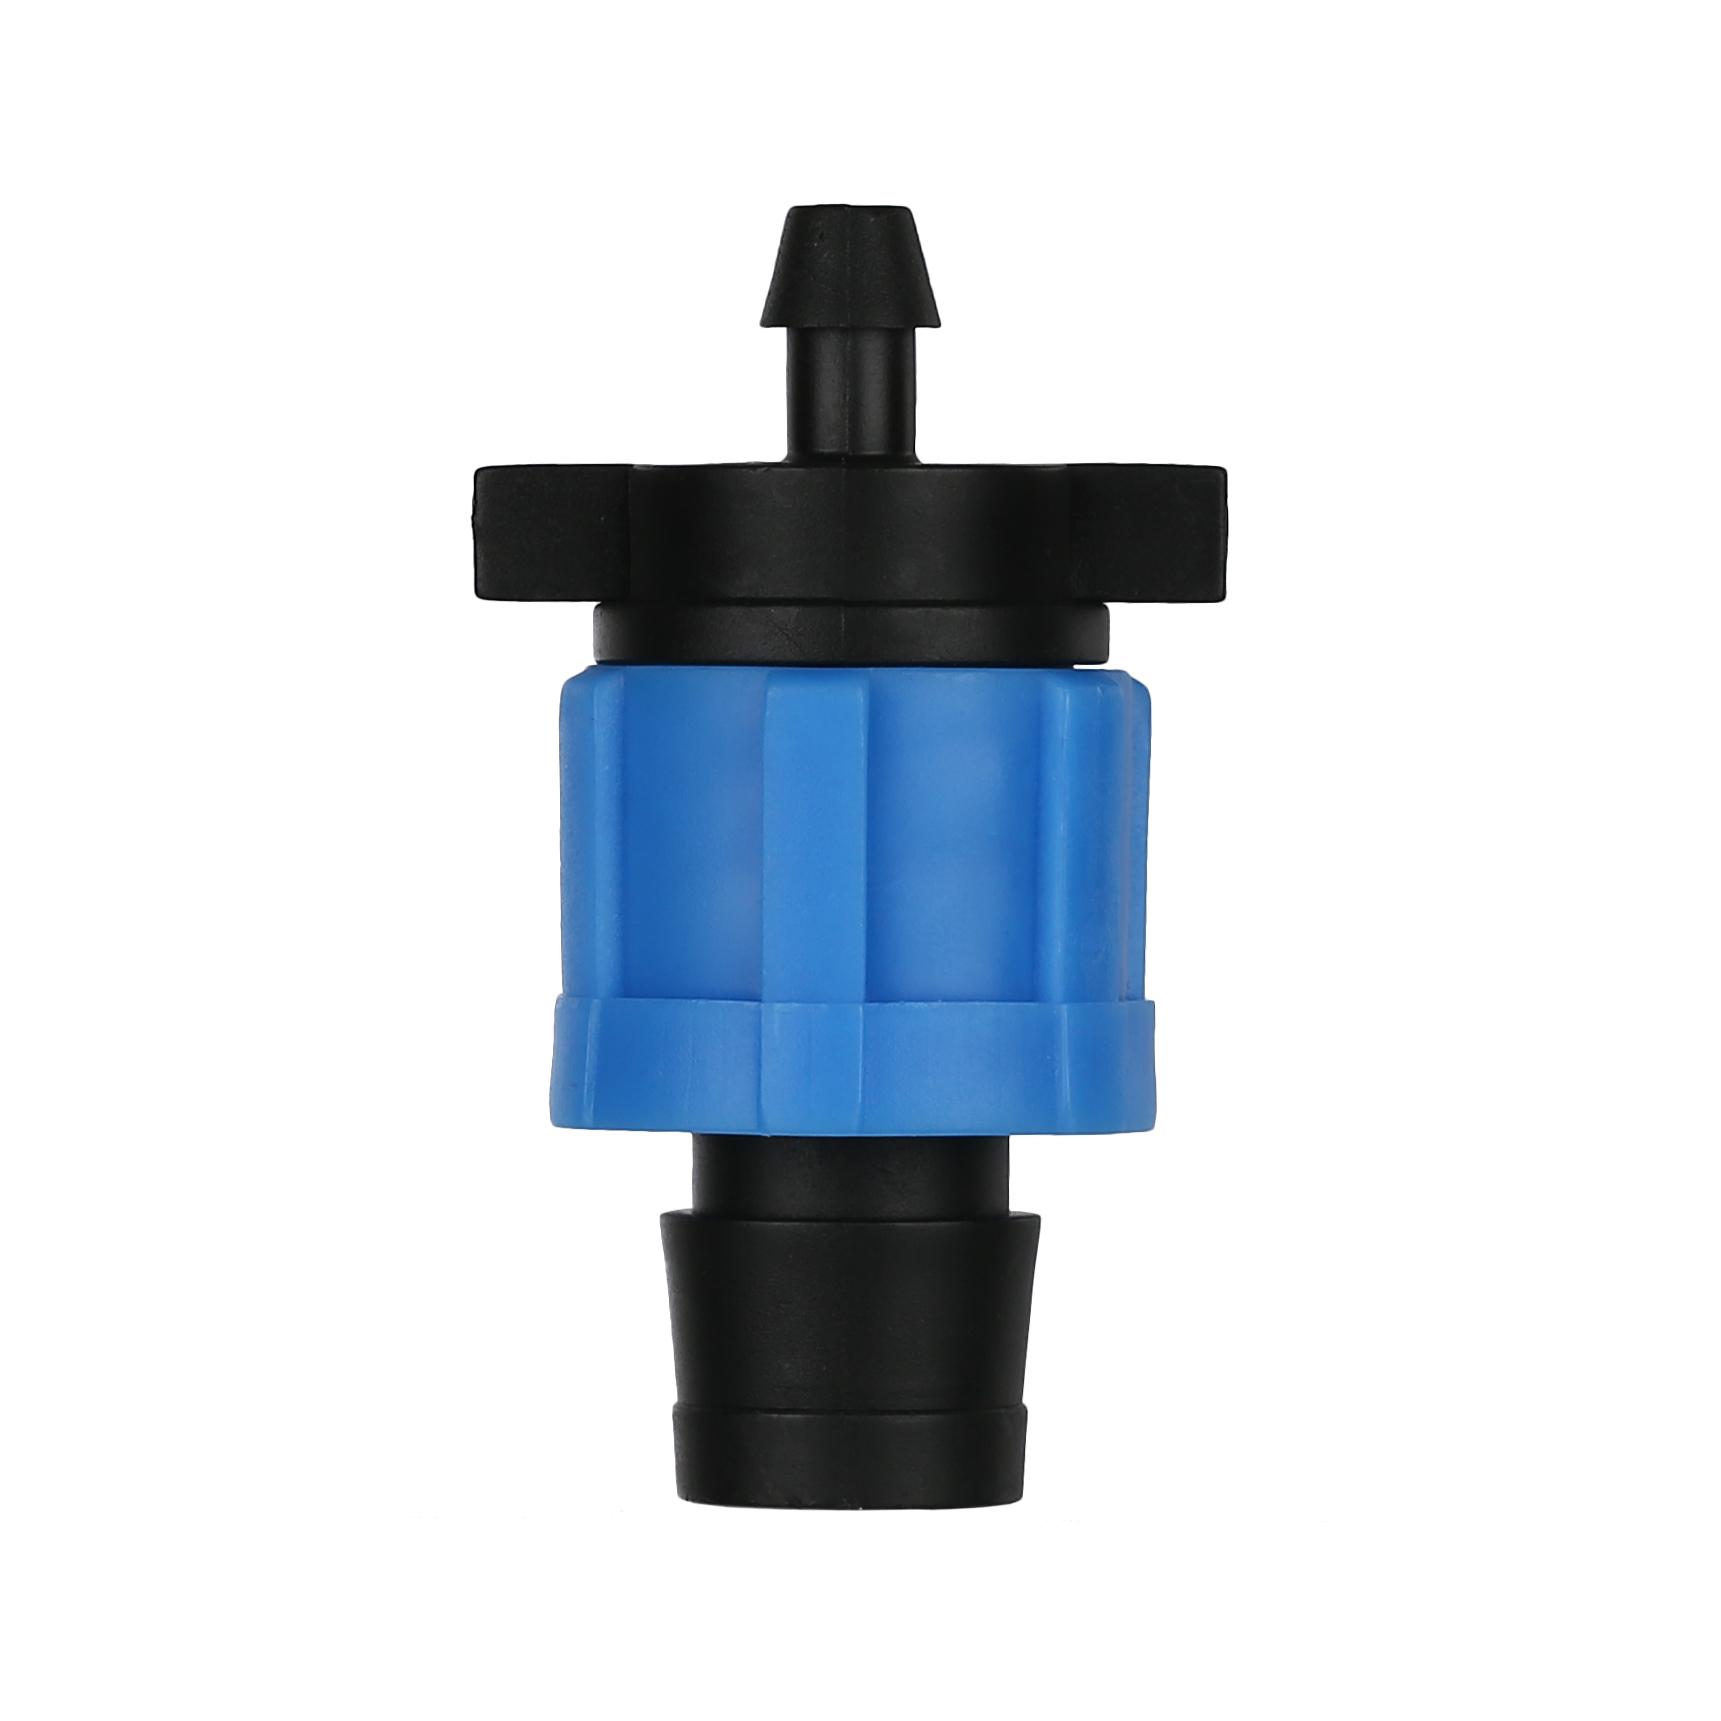 Стартовый фитинг GH (КЛ x 12)  с уплотнителем PO0117